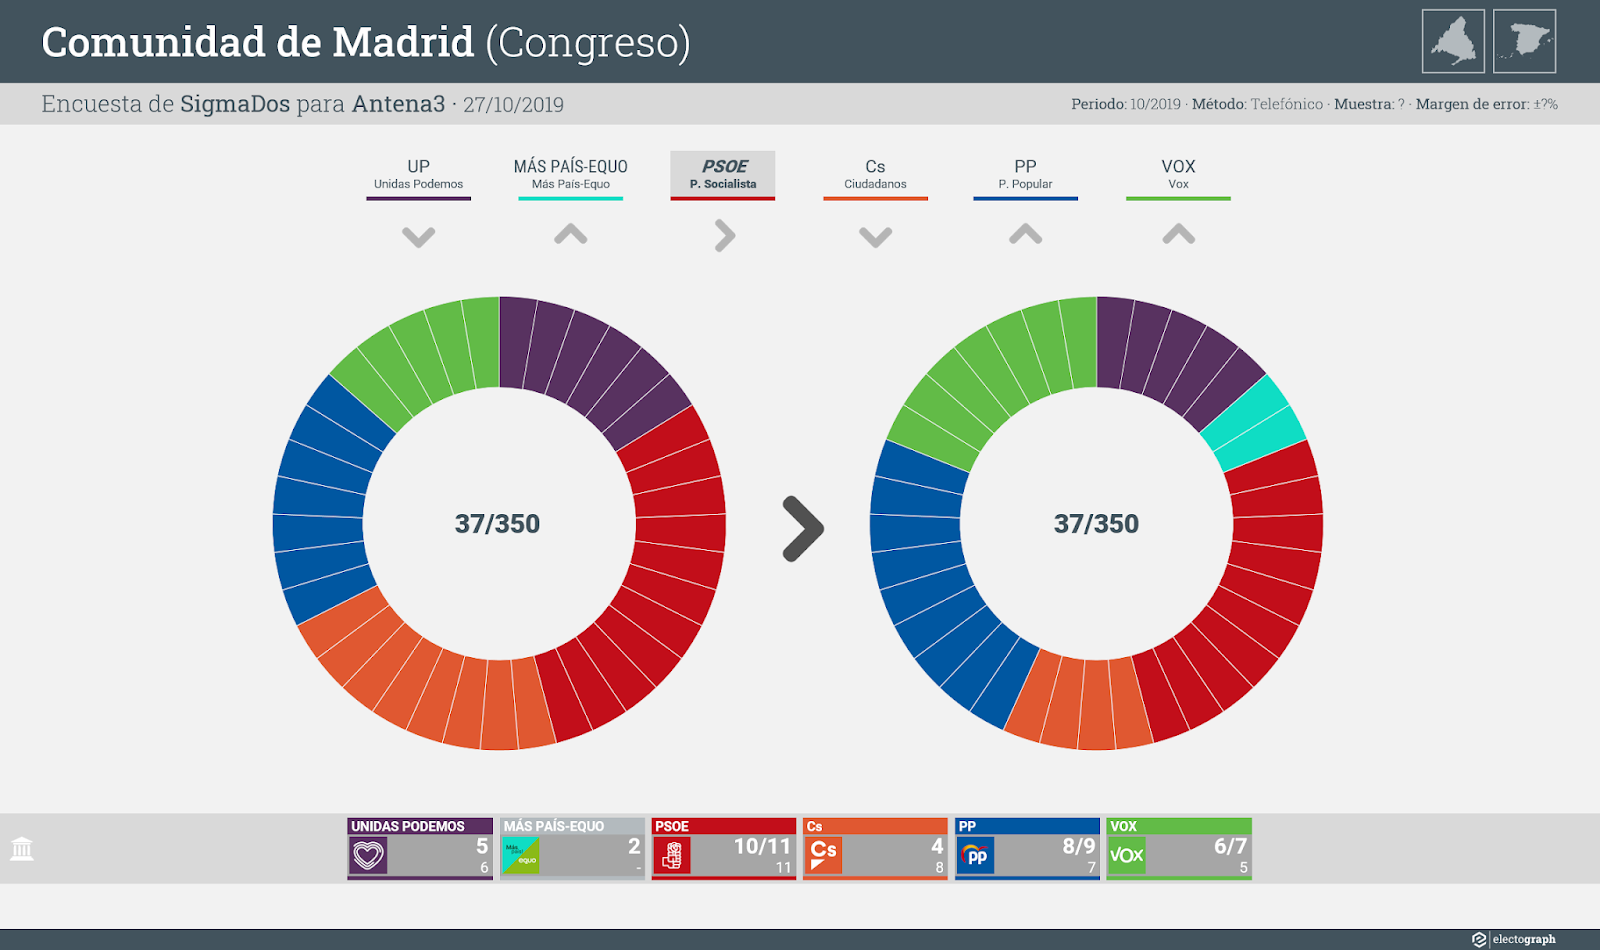 Gráfico de la encuesta para elecciones generales en la Comunidad de Madrid realizada por SigmaDos para Antena3, 27 de octubre de 2019